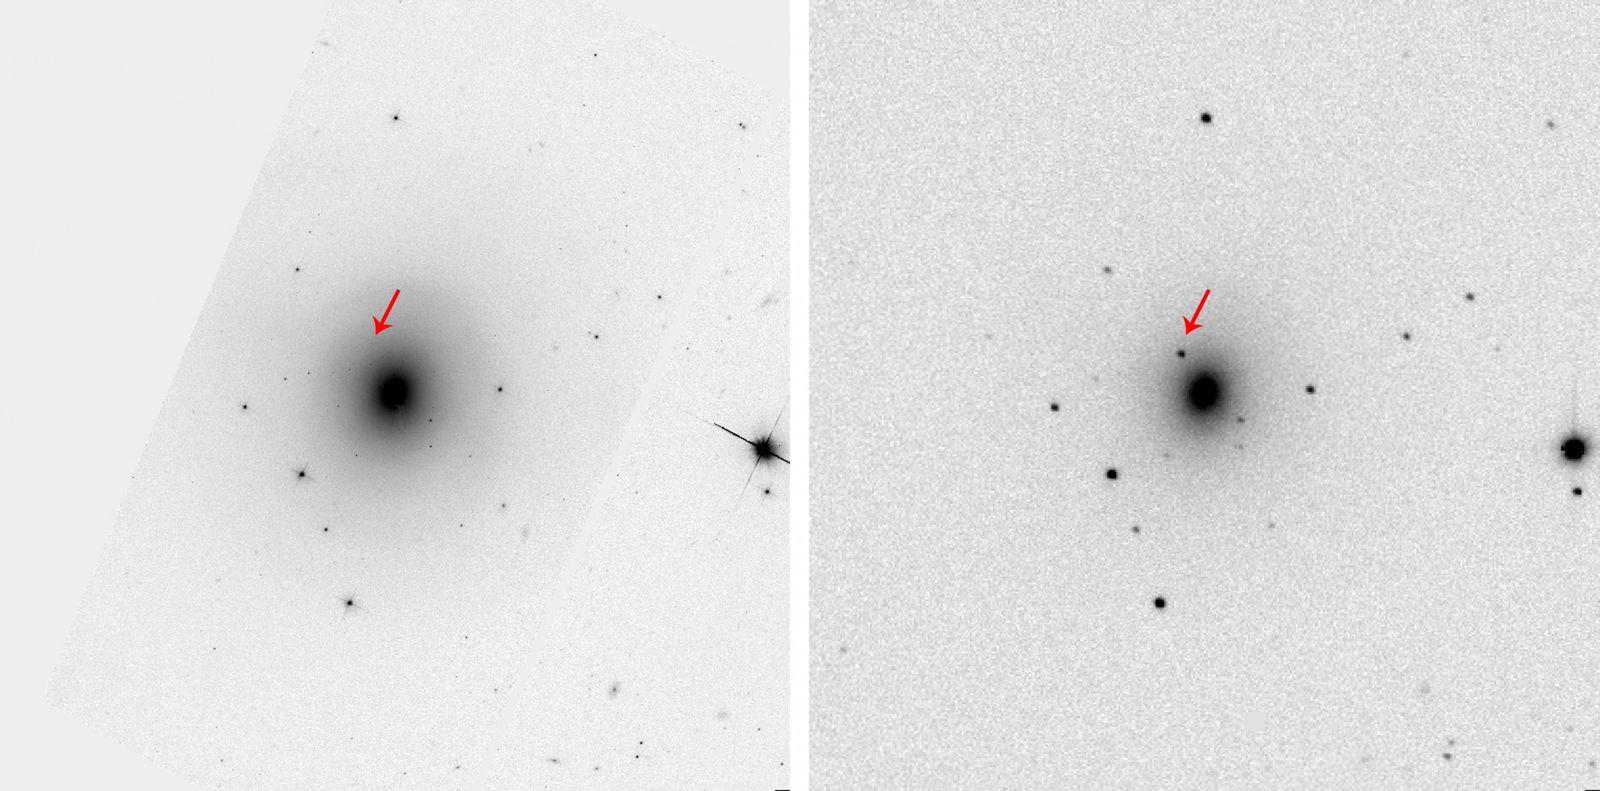 Colisao de estrelas de neutron